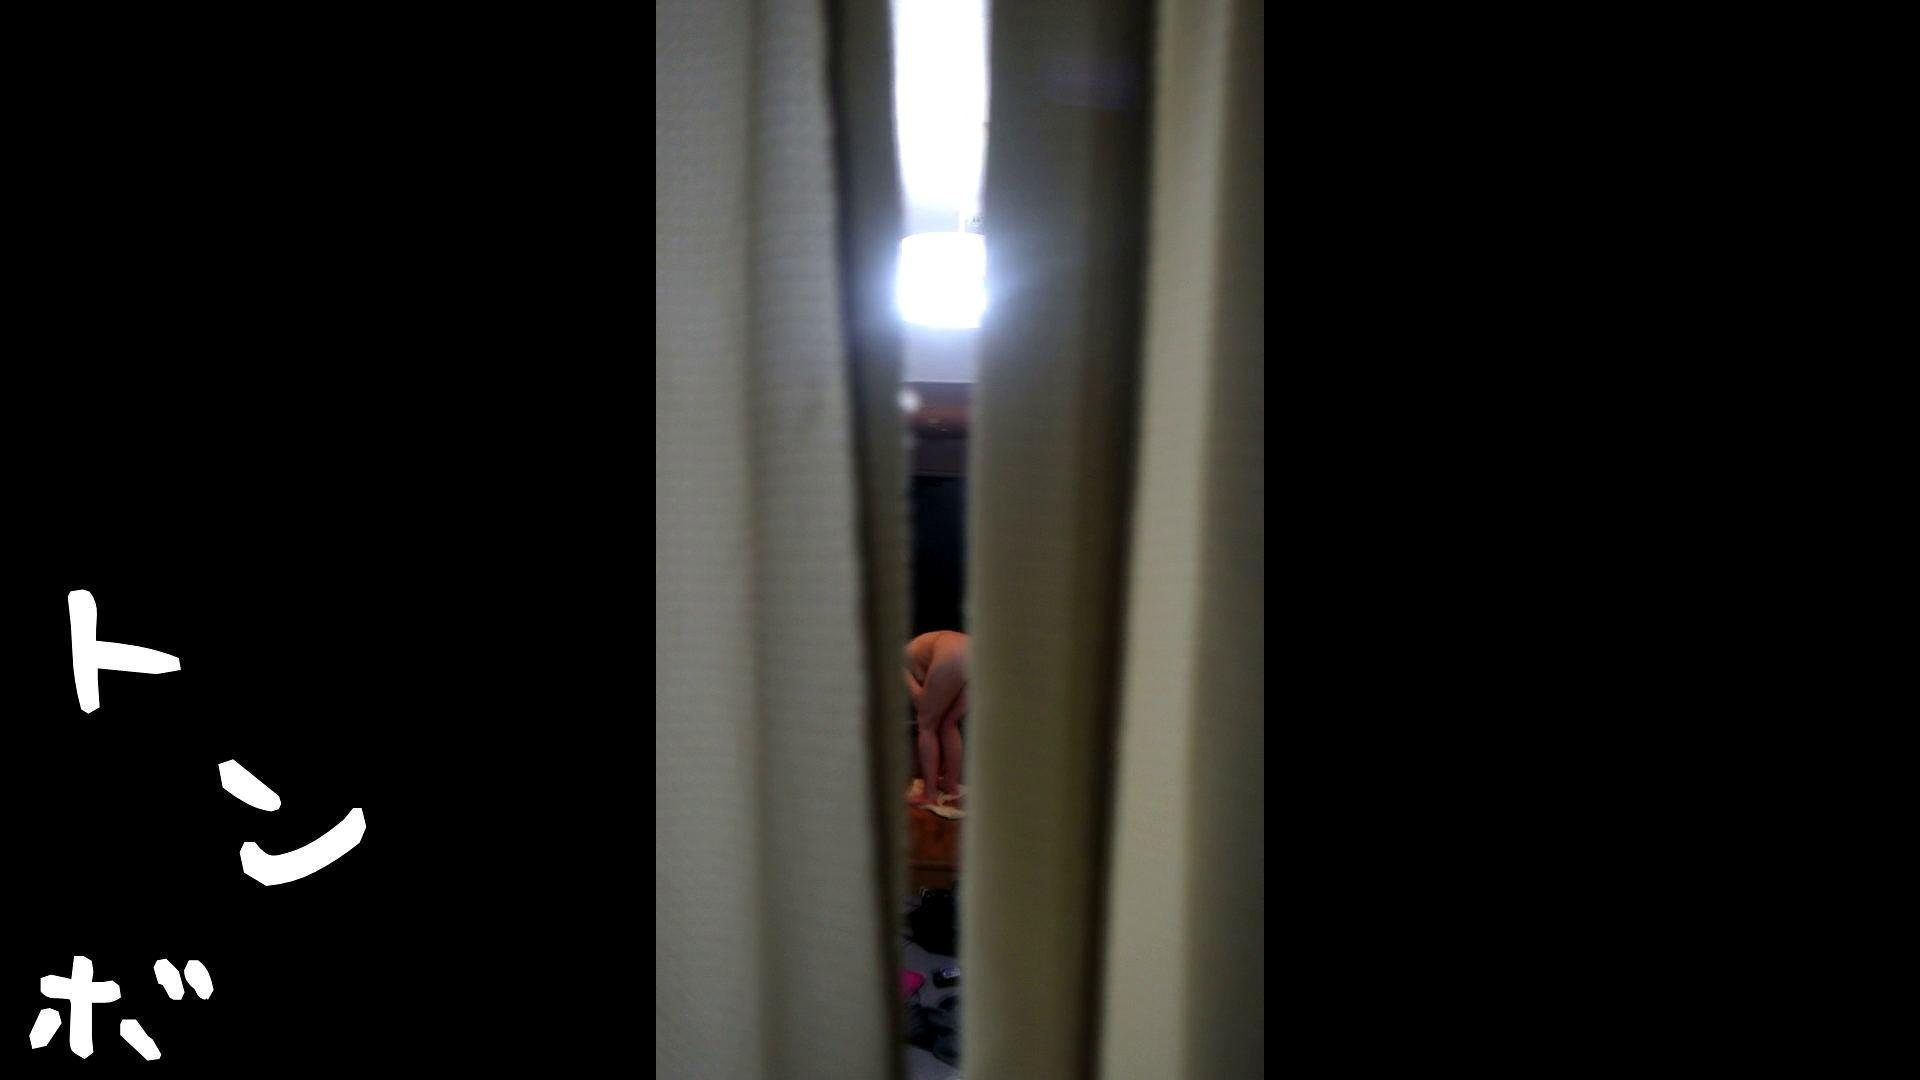 リアル盗撮 北欧留学生一人暮らし部屋ヌード 美女達のヌード   盗撮エロすぎ  102連発 26